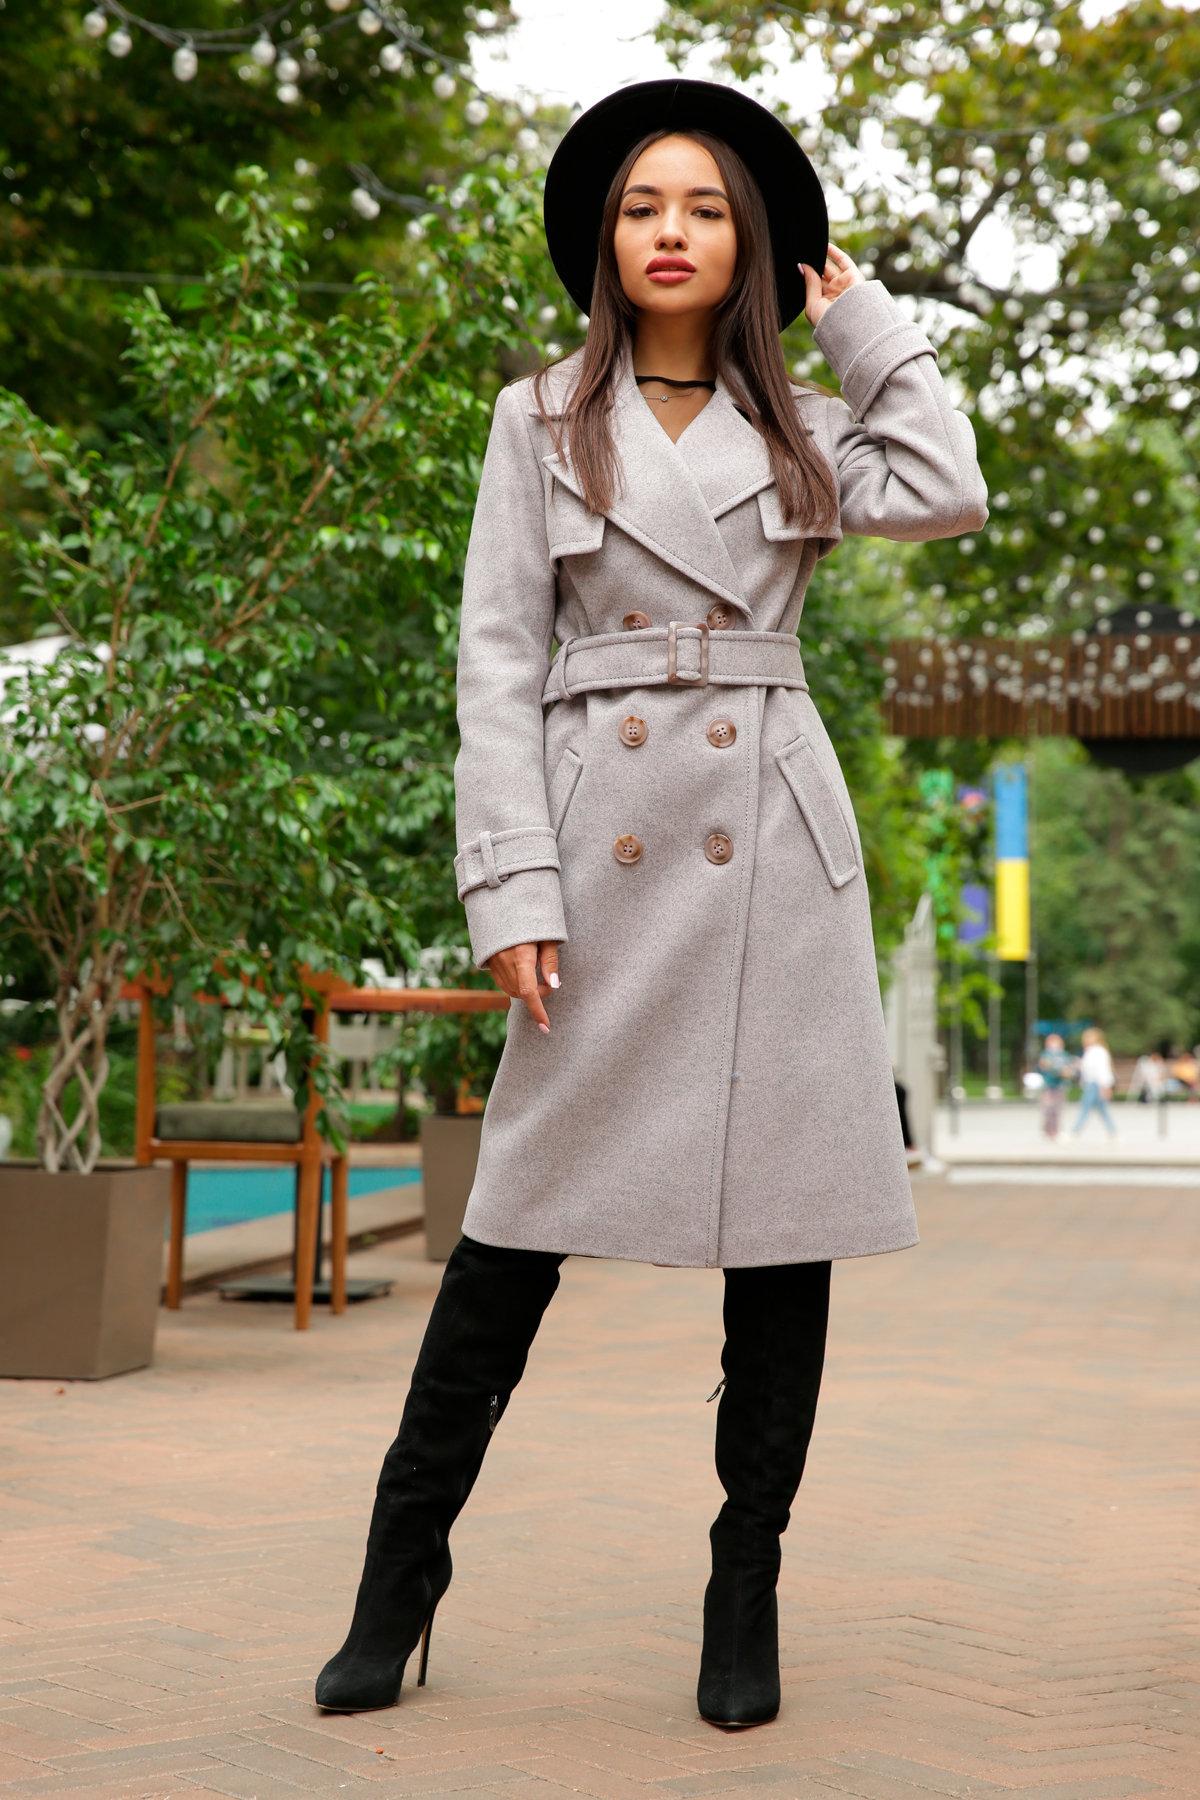 Двубортное пальто демисезон Монте 8089 АРТ. 44031 Цвет: Серый-розовый - фото 5, интернет магазин tm-modus.ru